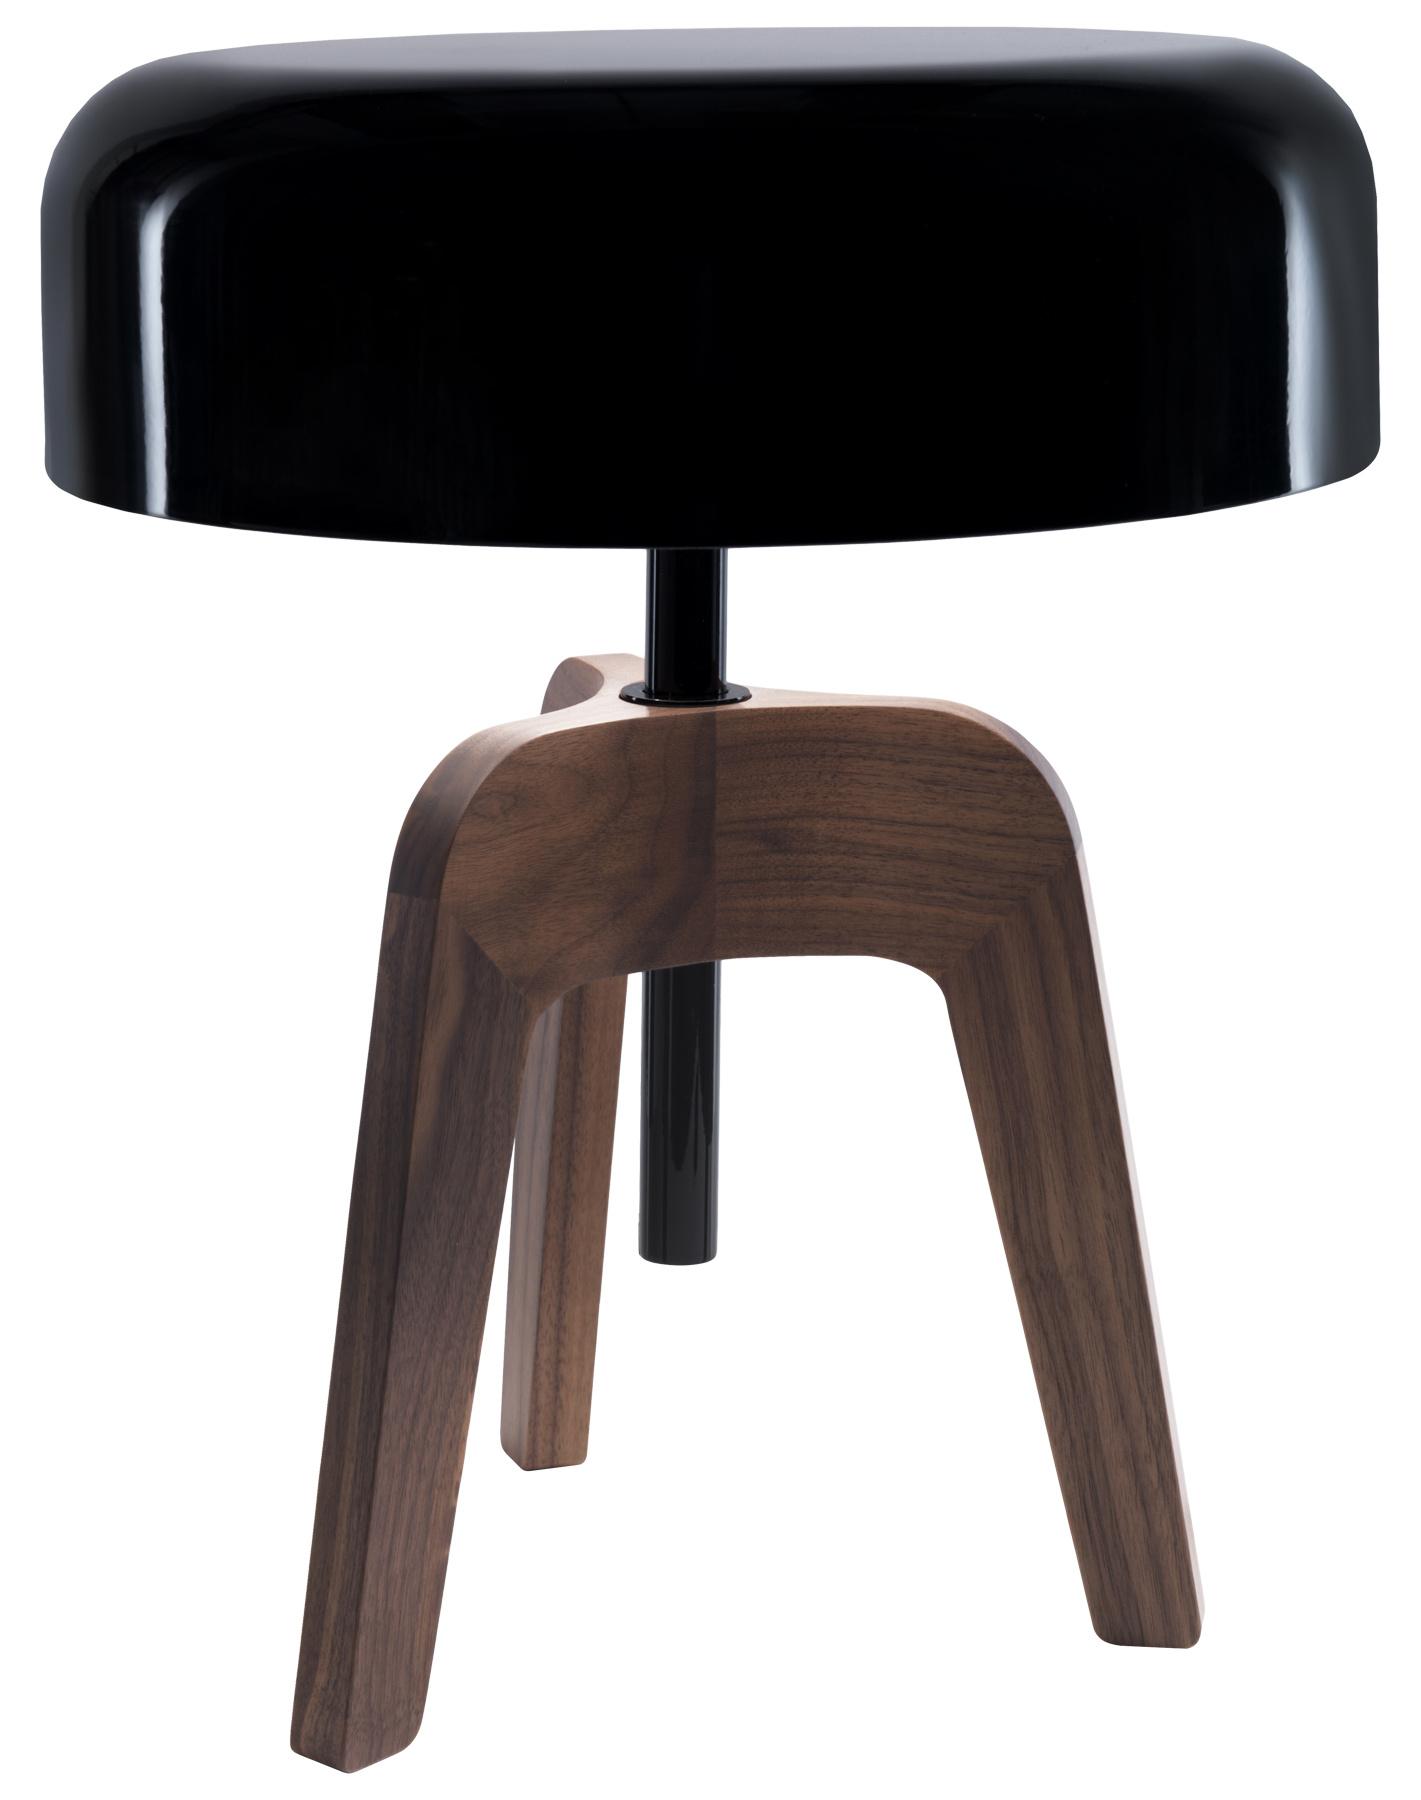 Design sale! Лучшие распродажи июня в нашей подборке (галерея 3, фото 2)